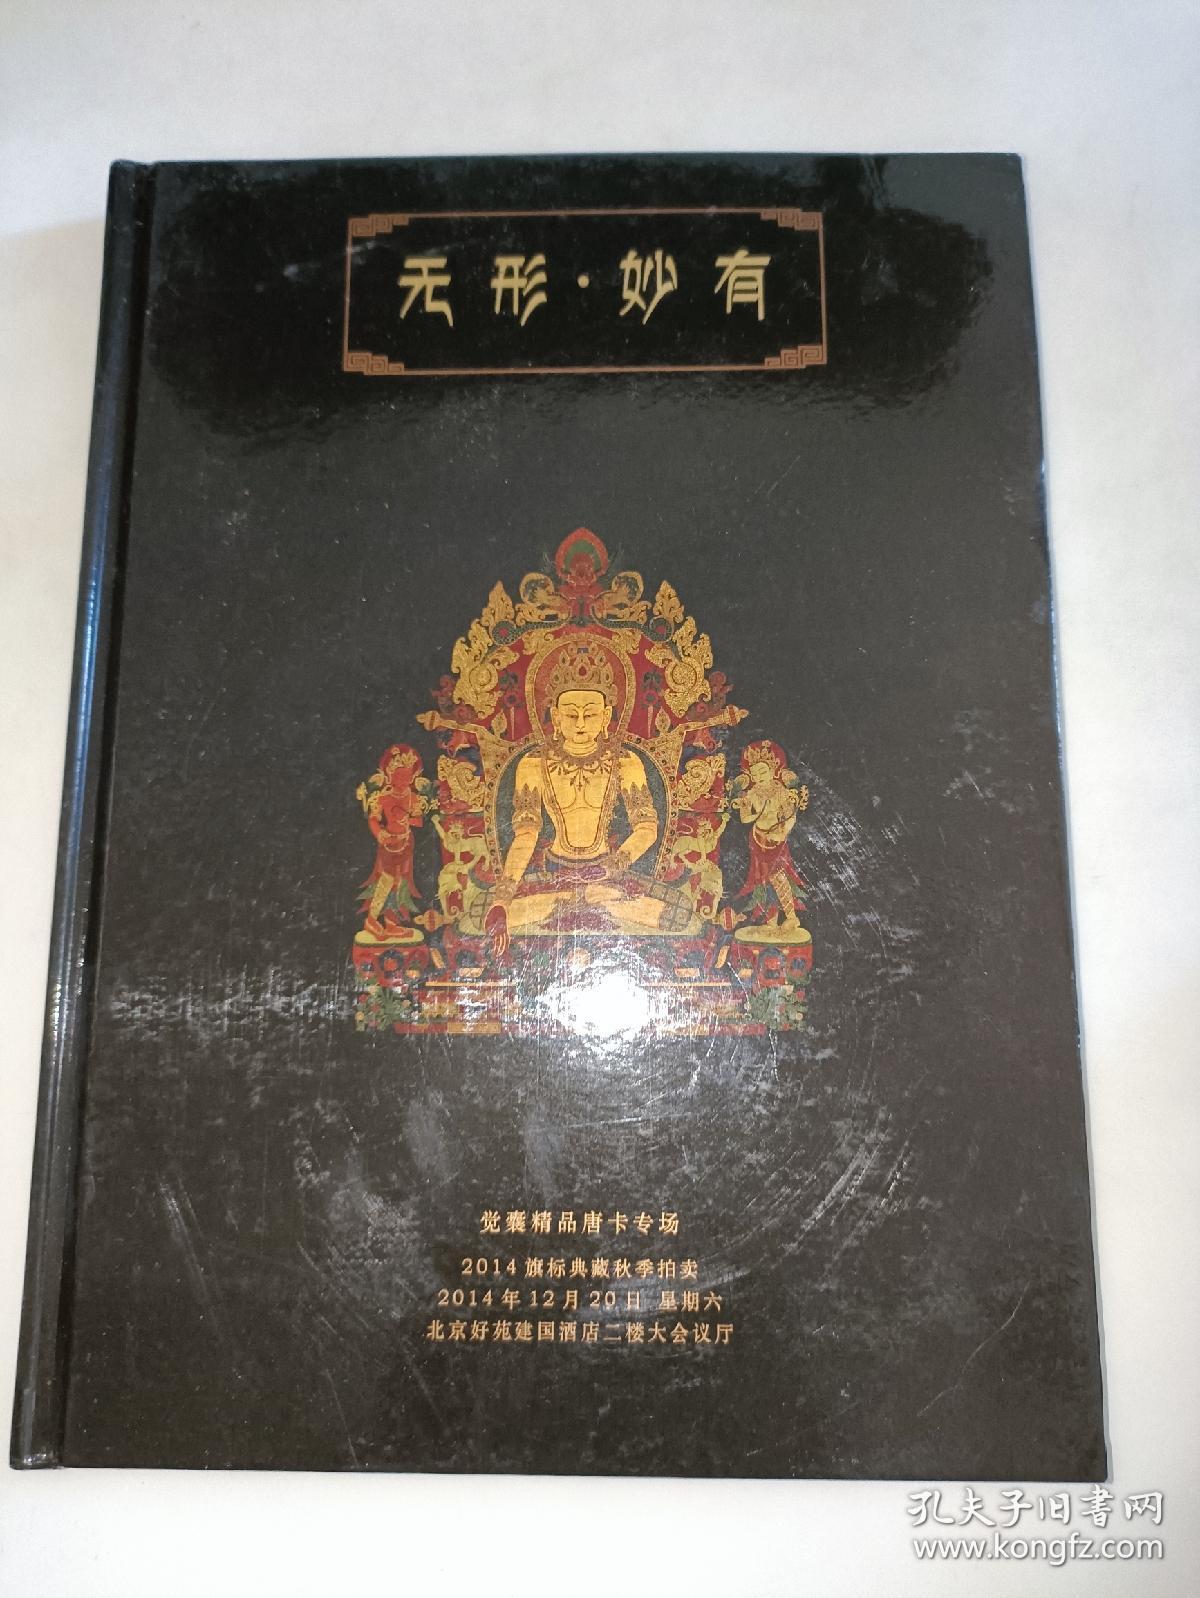 无形·妙有:觉囊精品唐卡专场 2014旗标典藏秋季拍卖  精装